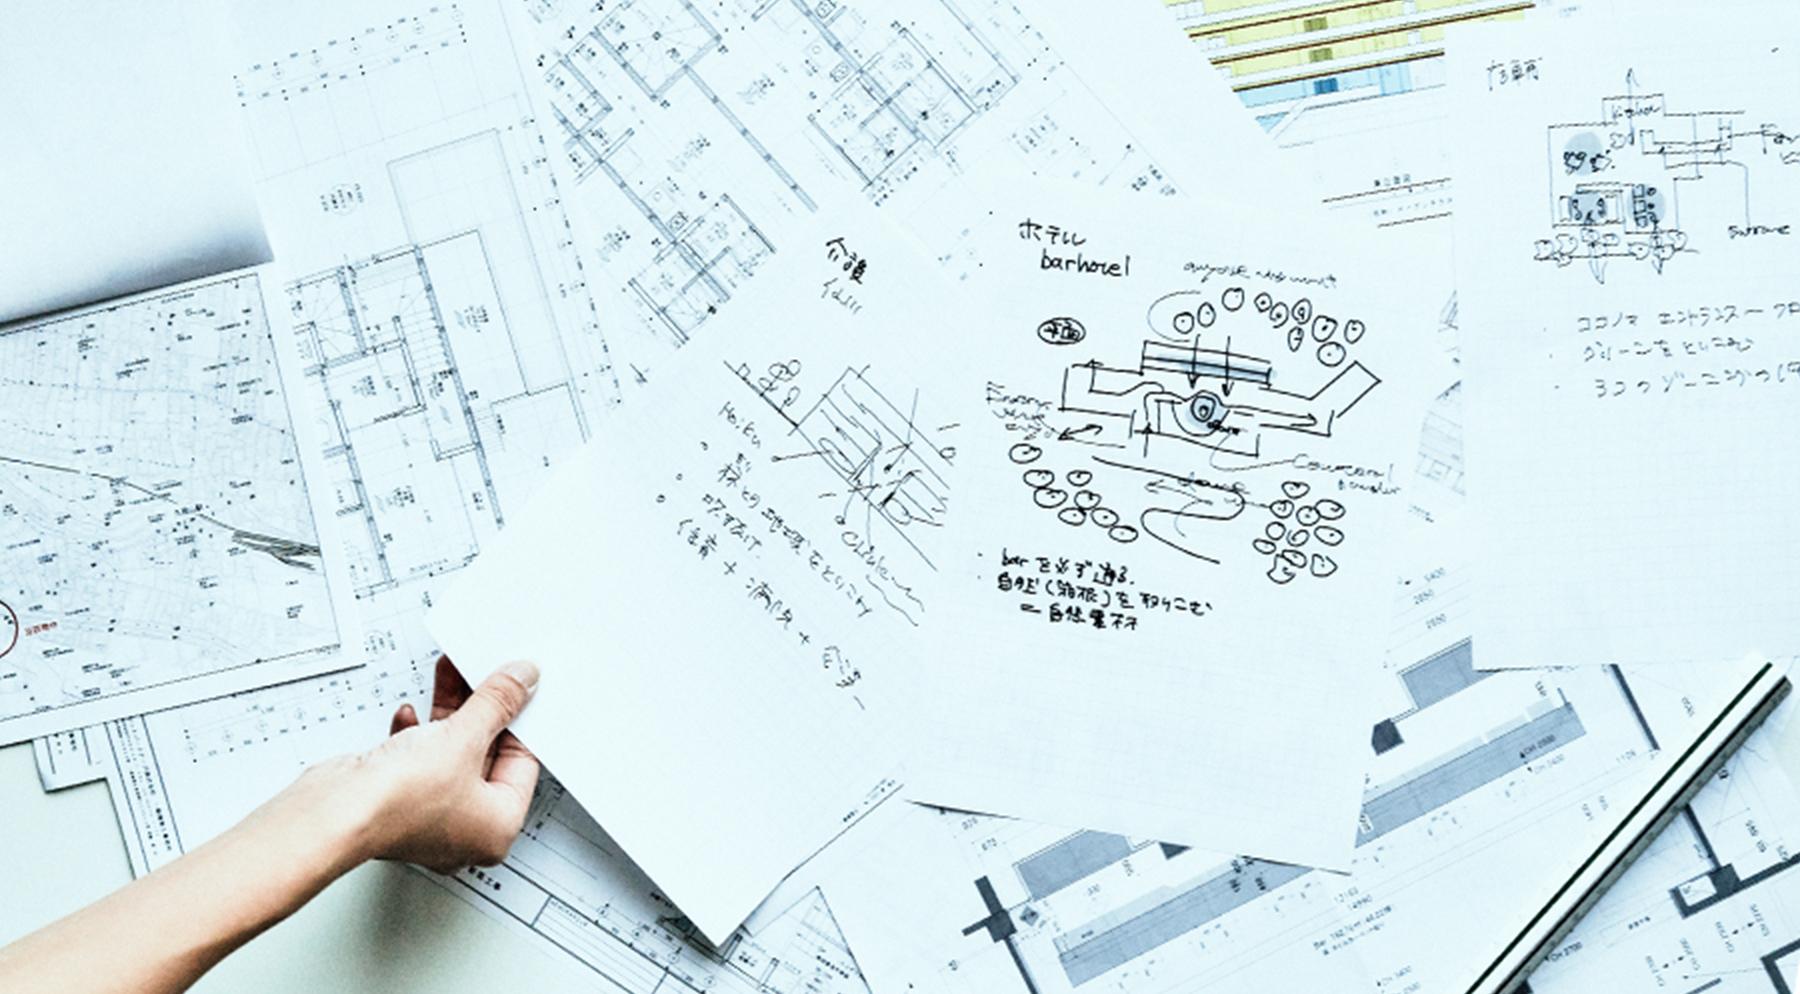 メタモルフォーゼする事業構造。